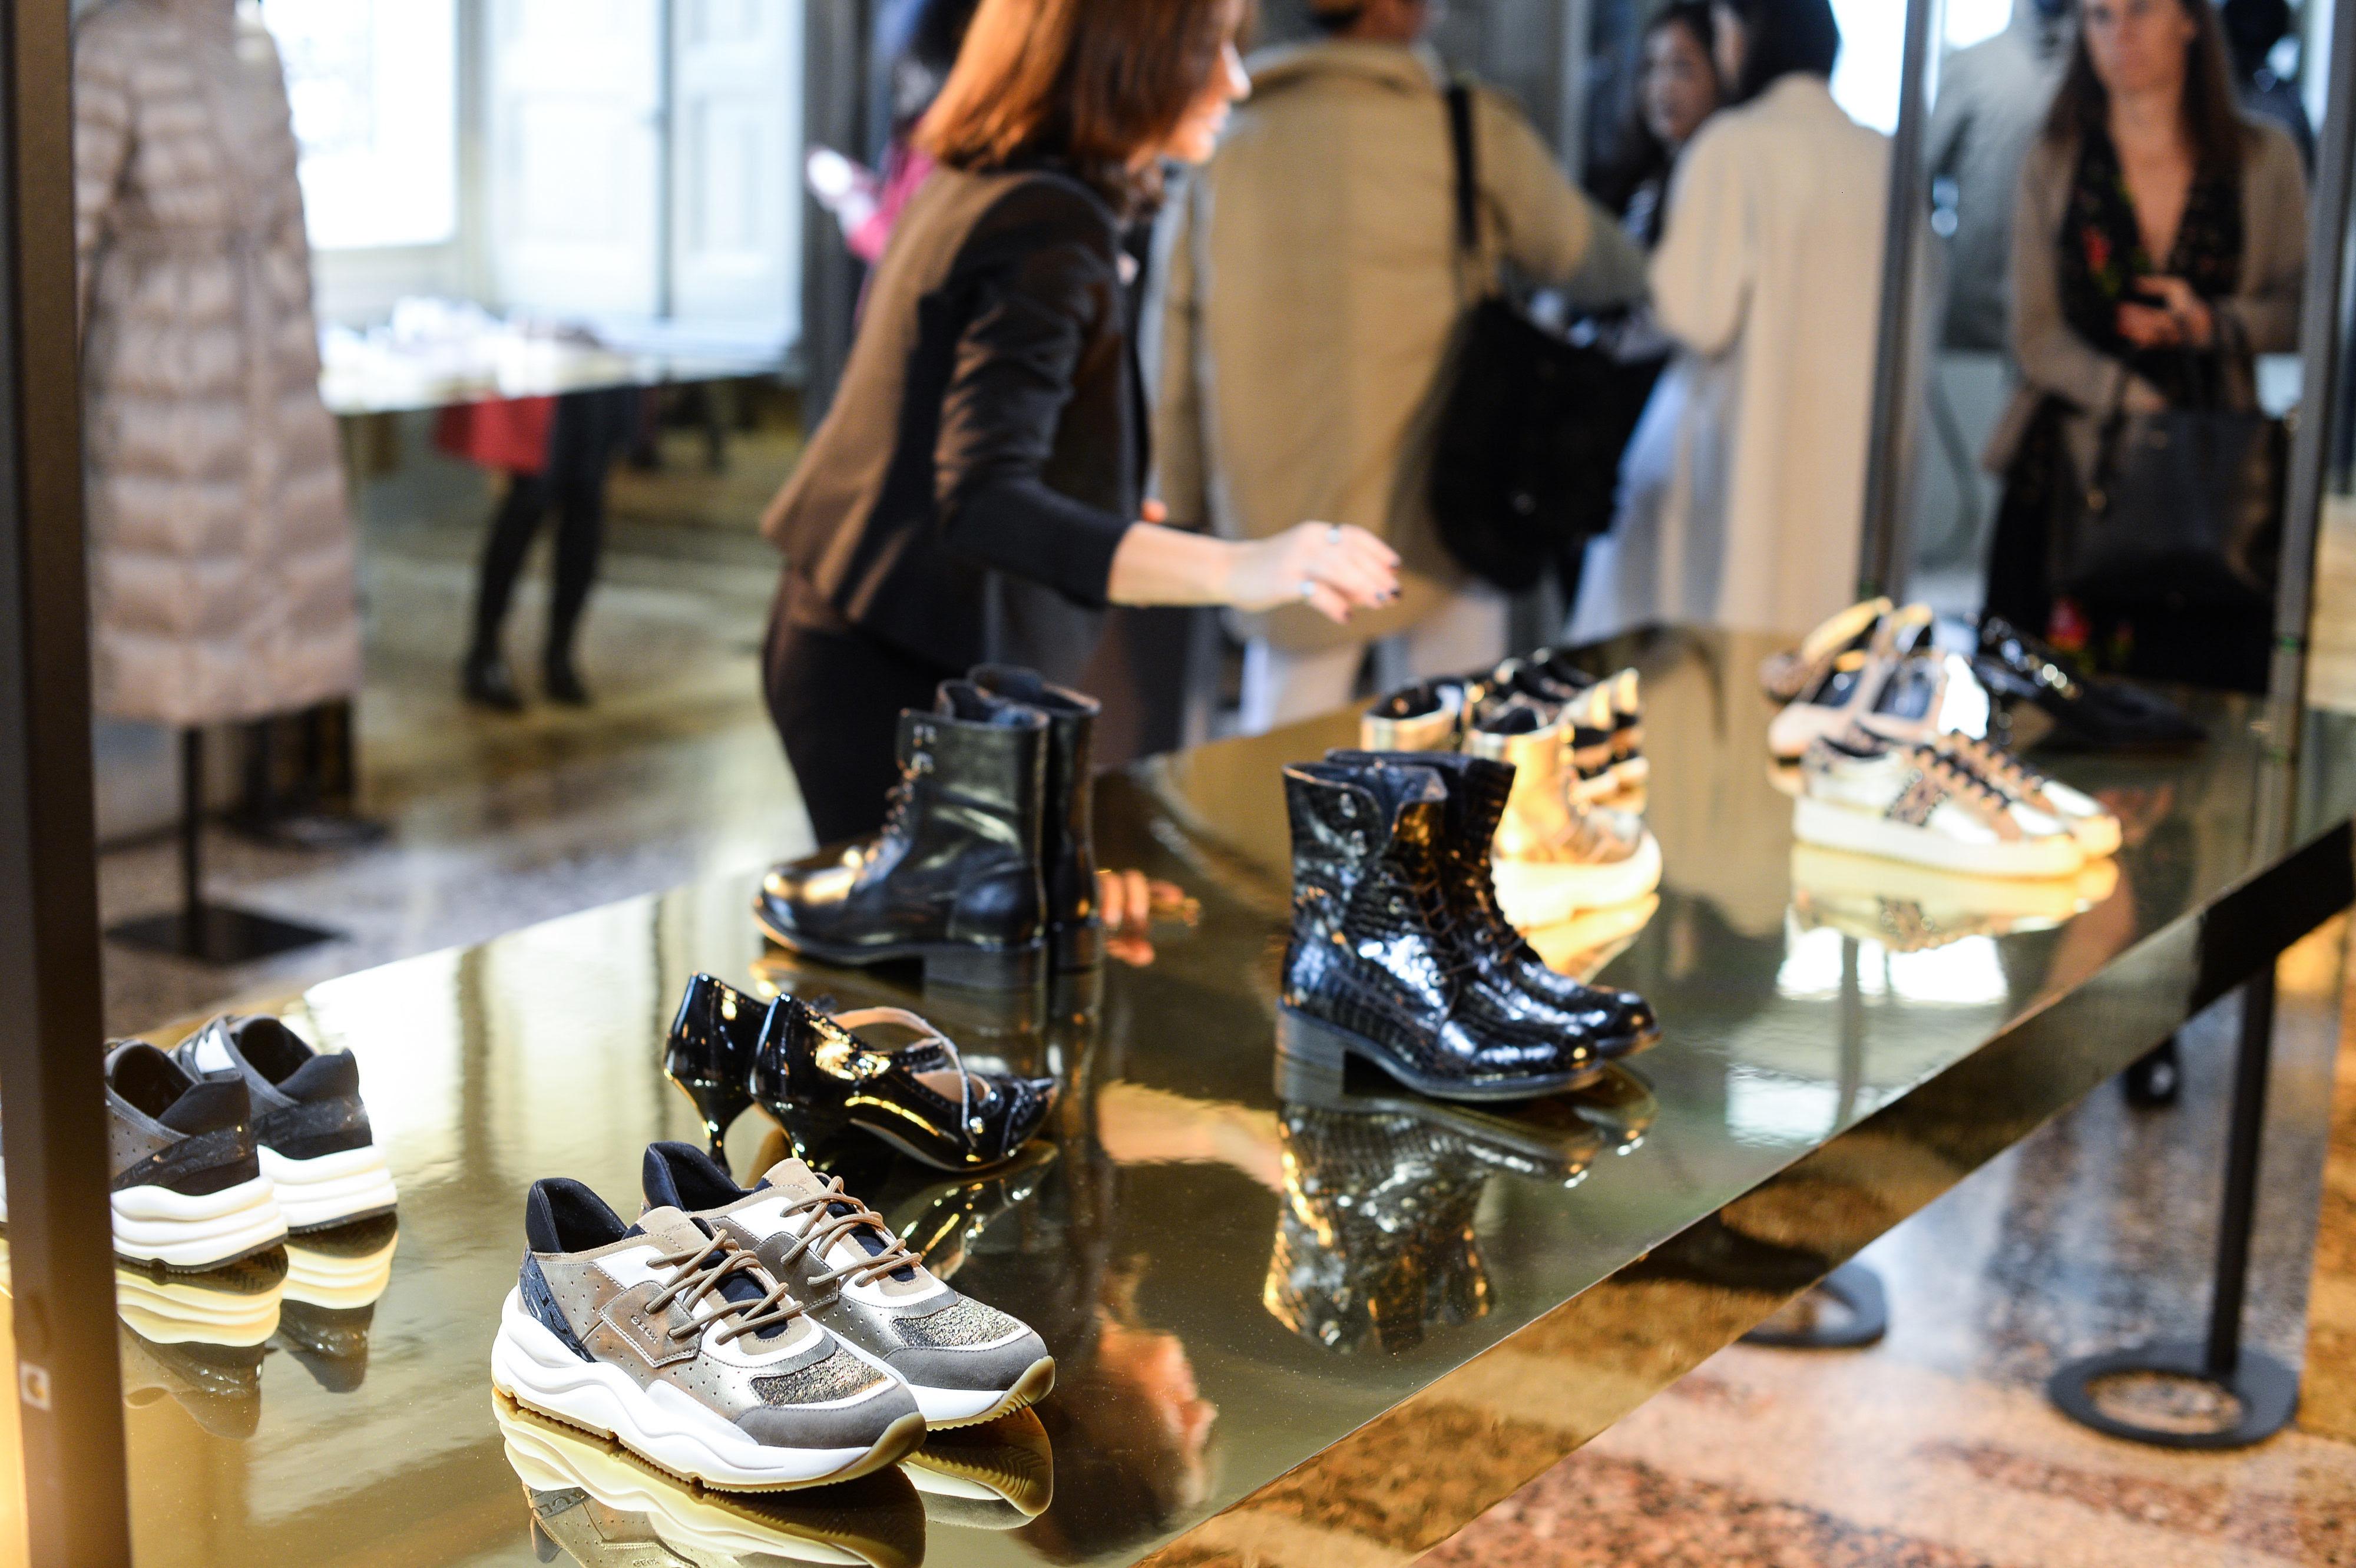 d27d2692 6eac 44eb aa3d ff8a1bb3d89b - GEOX presenta su colección Otoño/Invierno 2020 de calzado y prendas exteriores para mujer